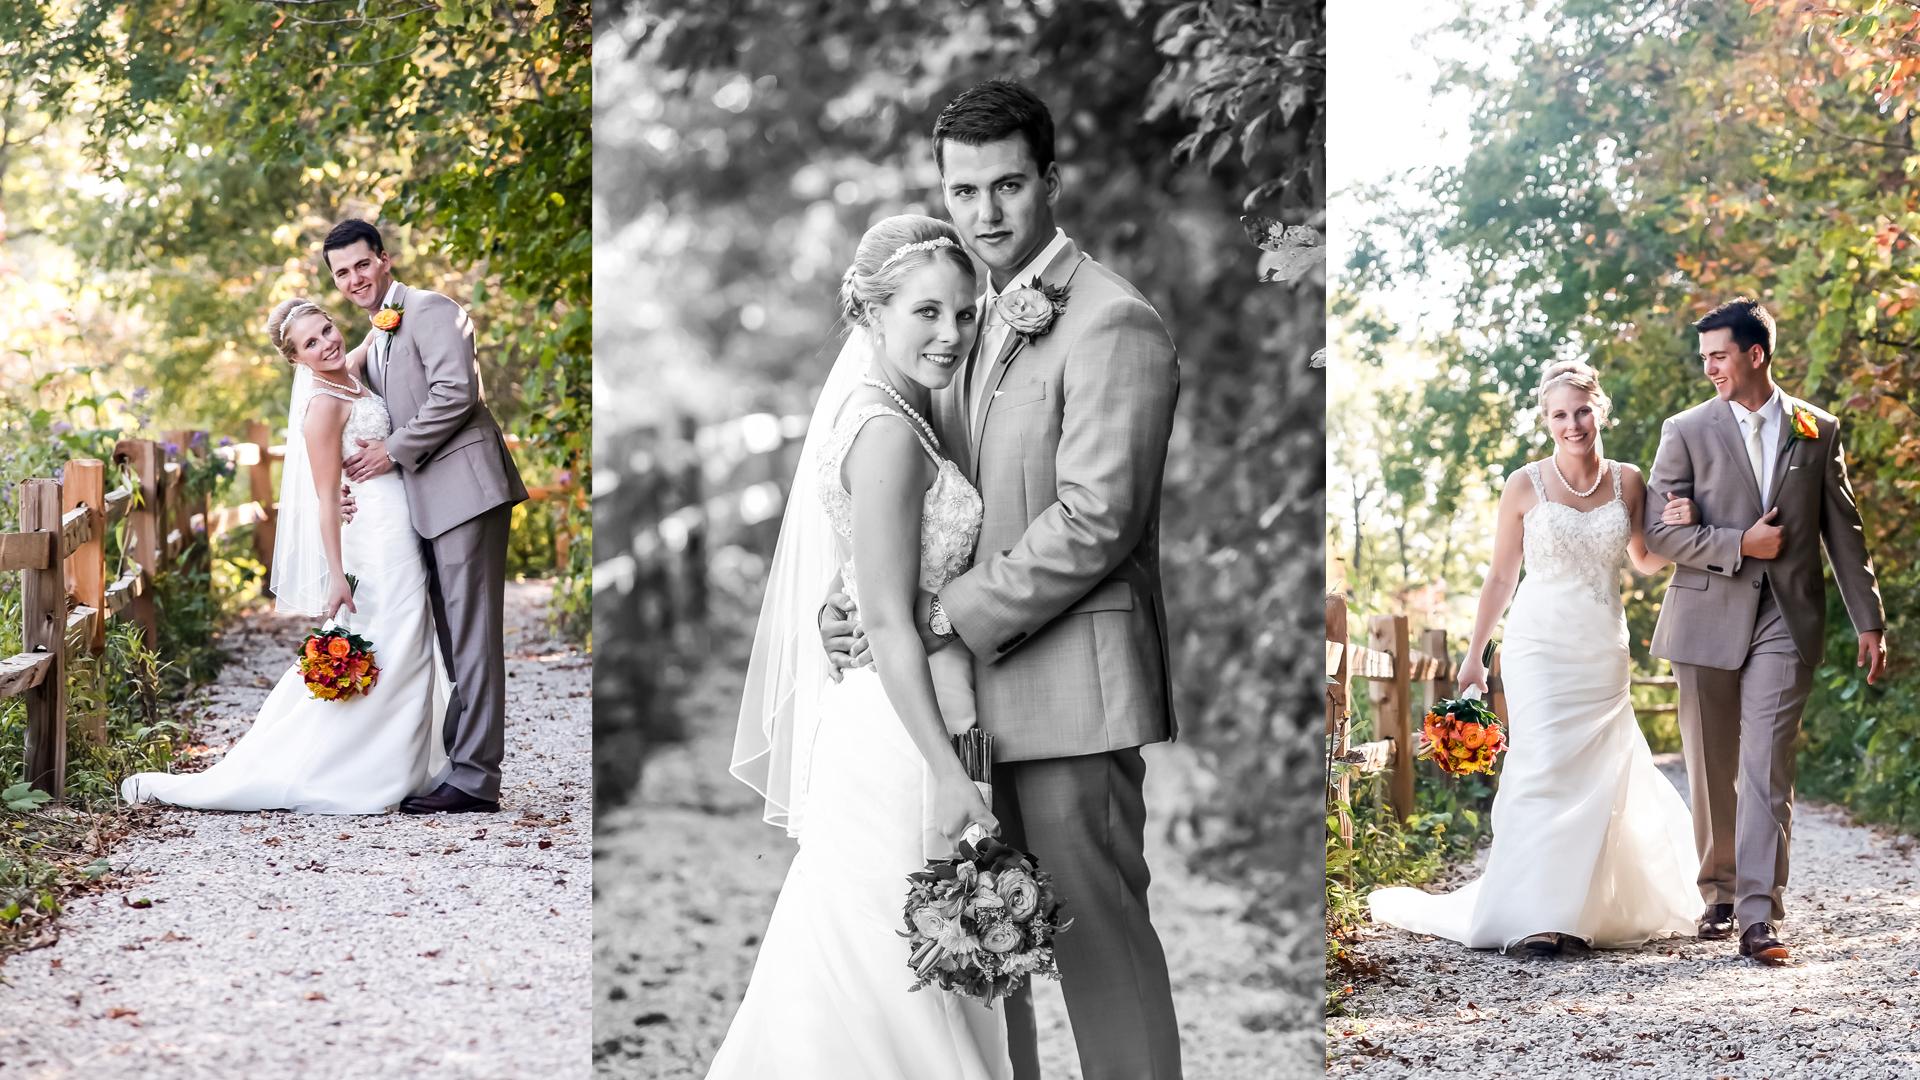 SBWhite_portfolio_weddings-10